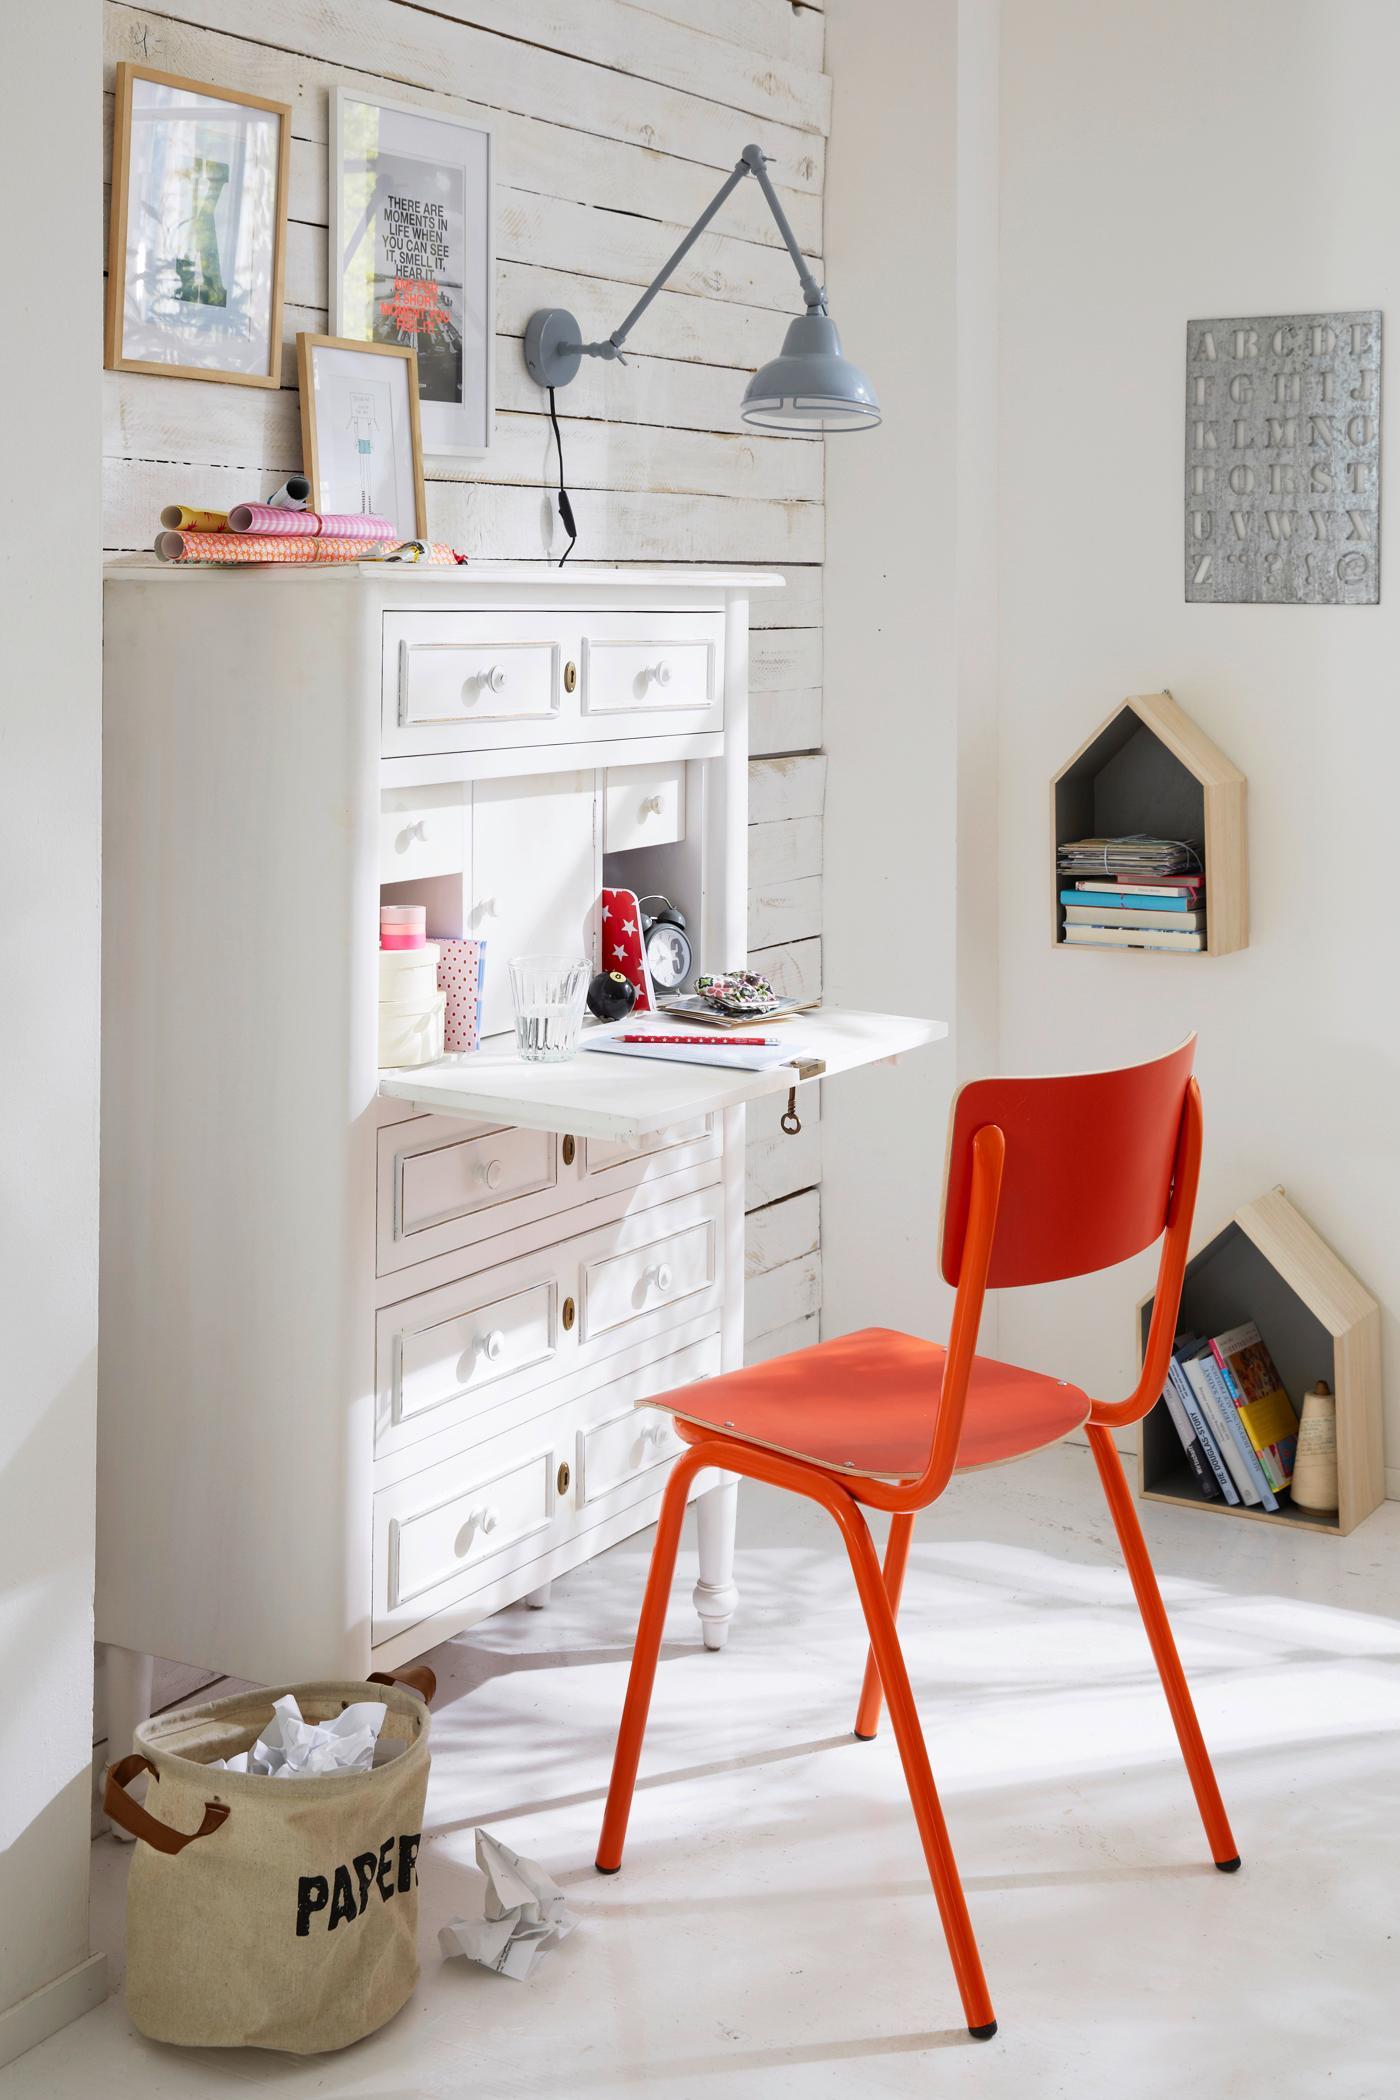 Klappbares Möbel • Bilder & Ideen • COUCHstyle